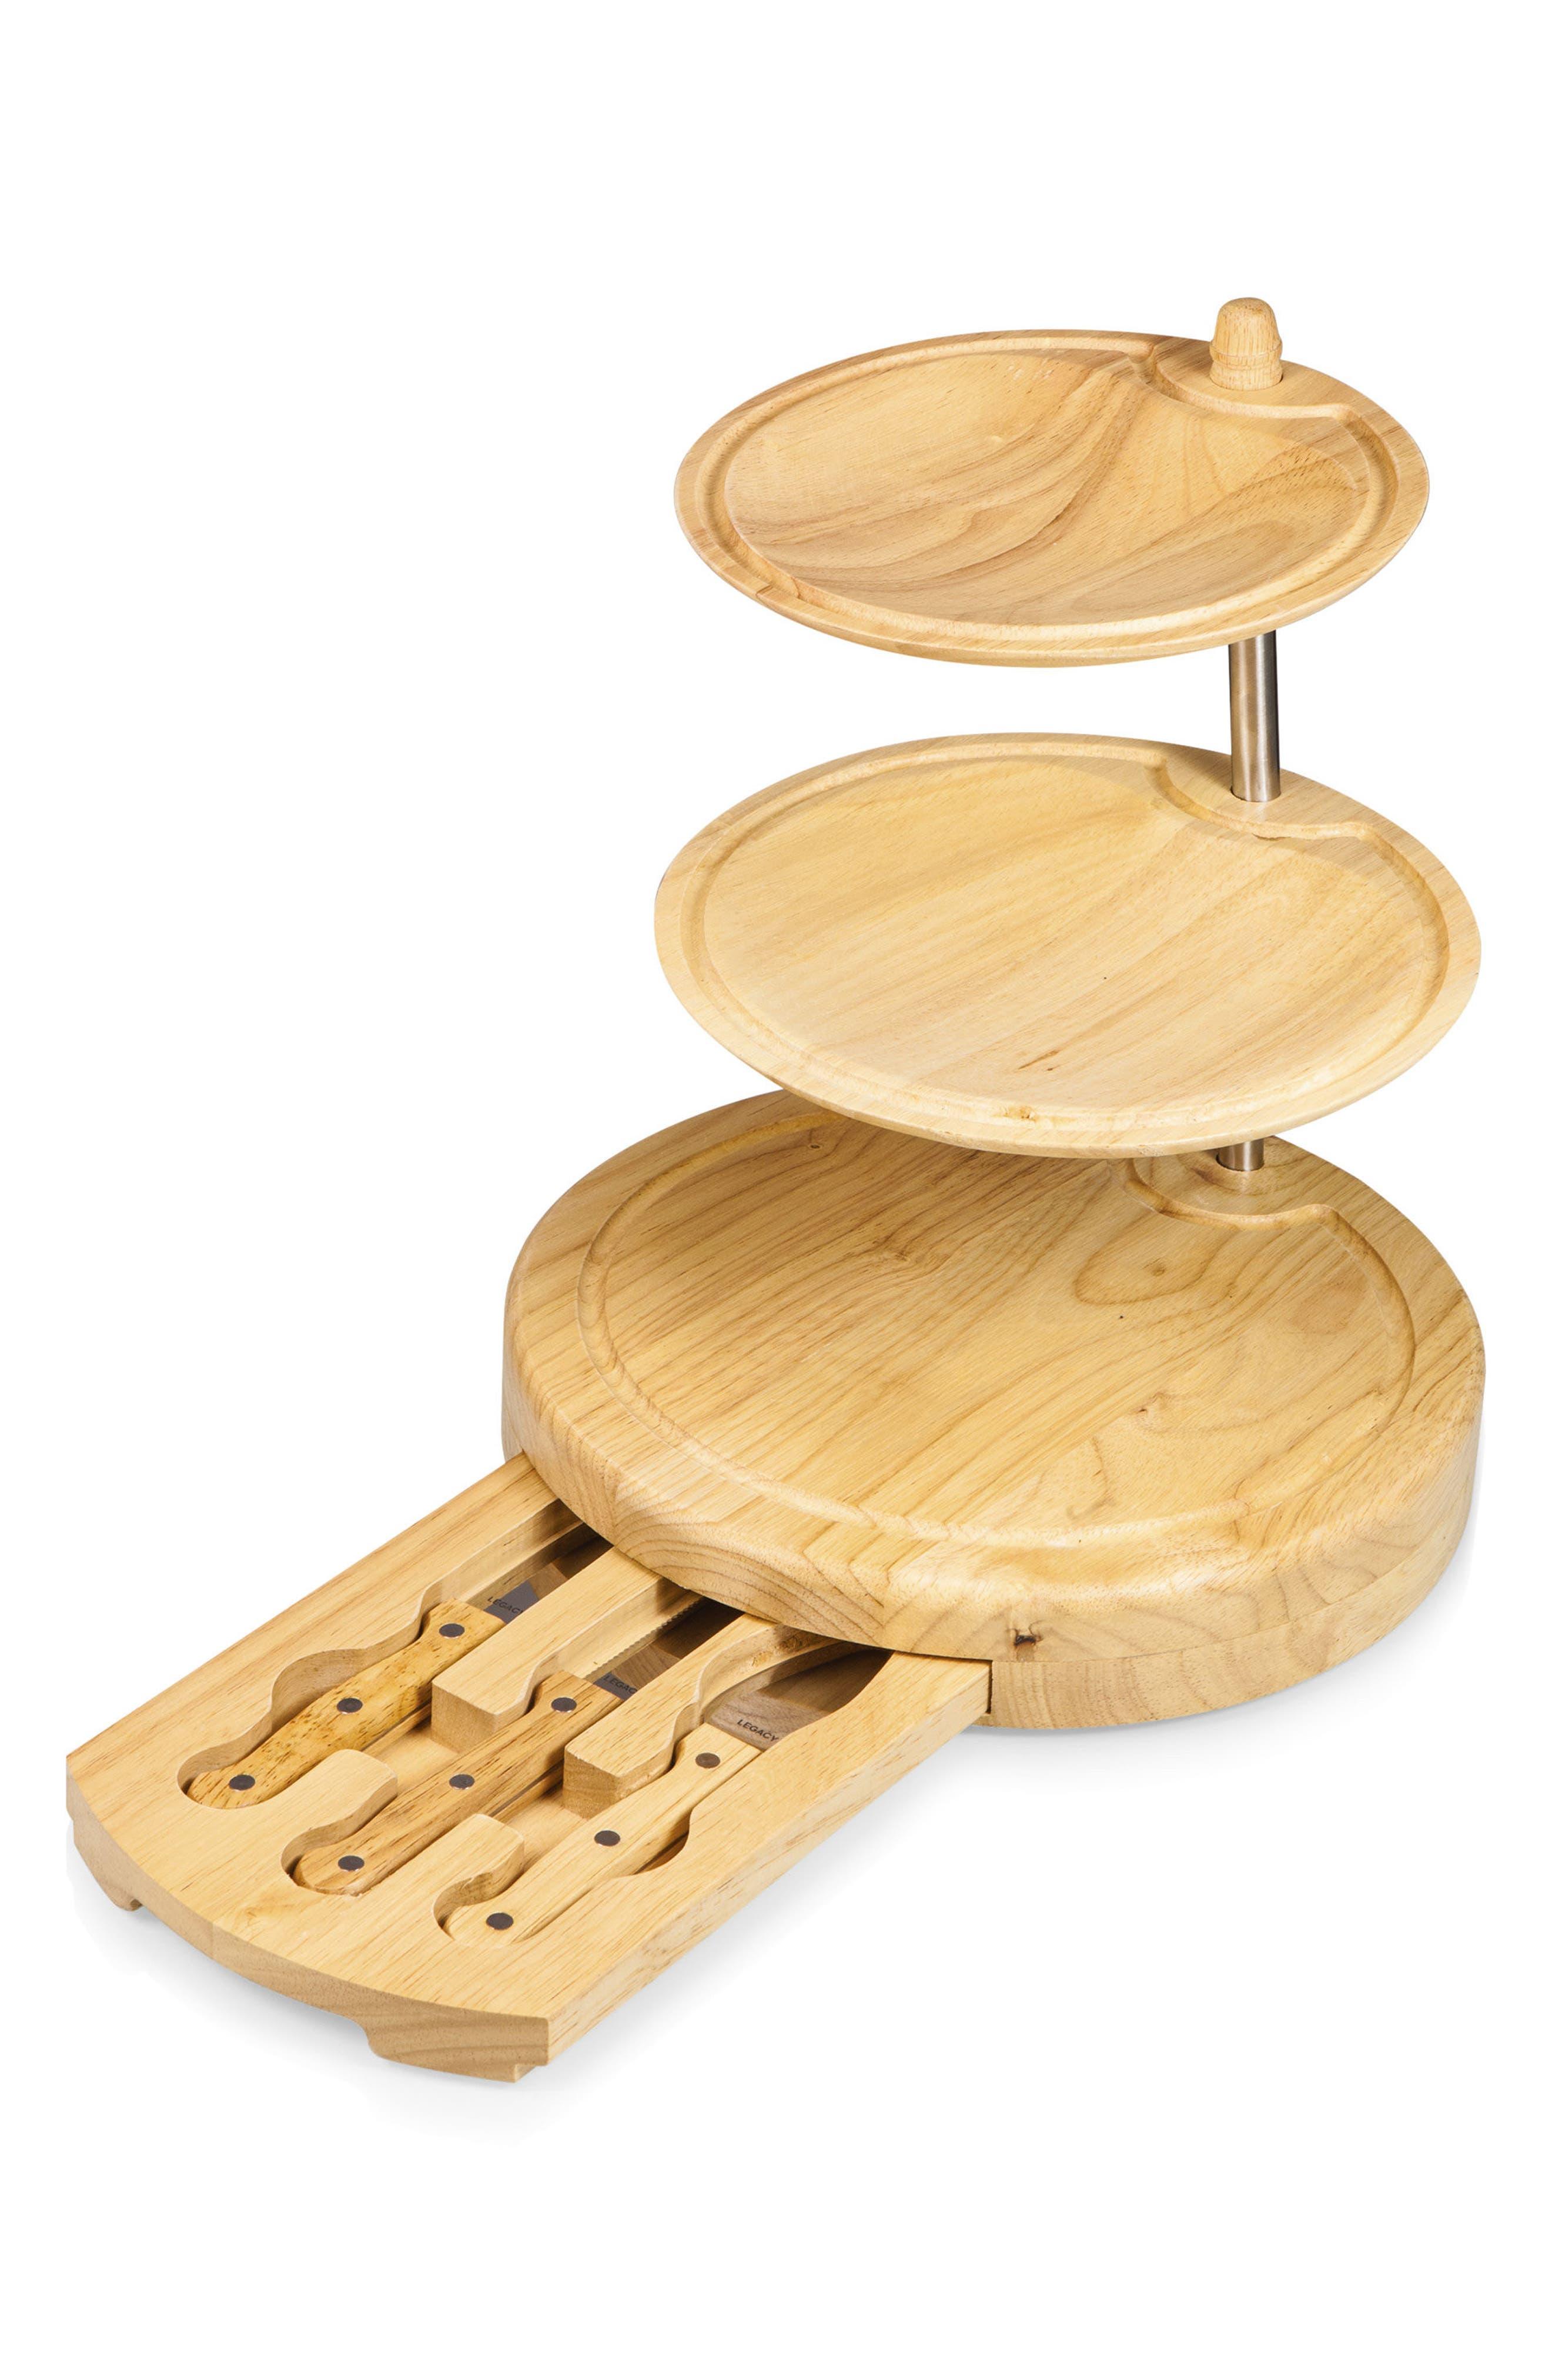 Regalio 3-Tier Cheese Board & Tool Set,                         Main,                         color,